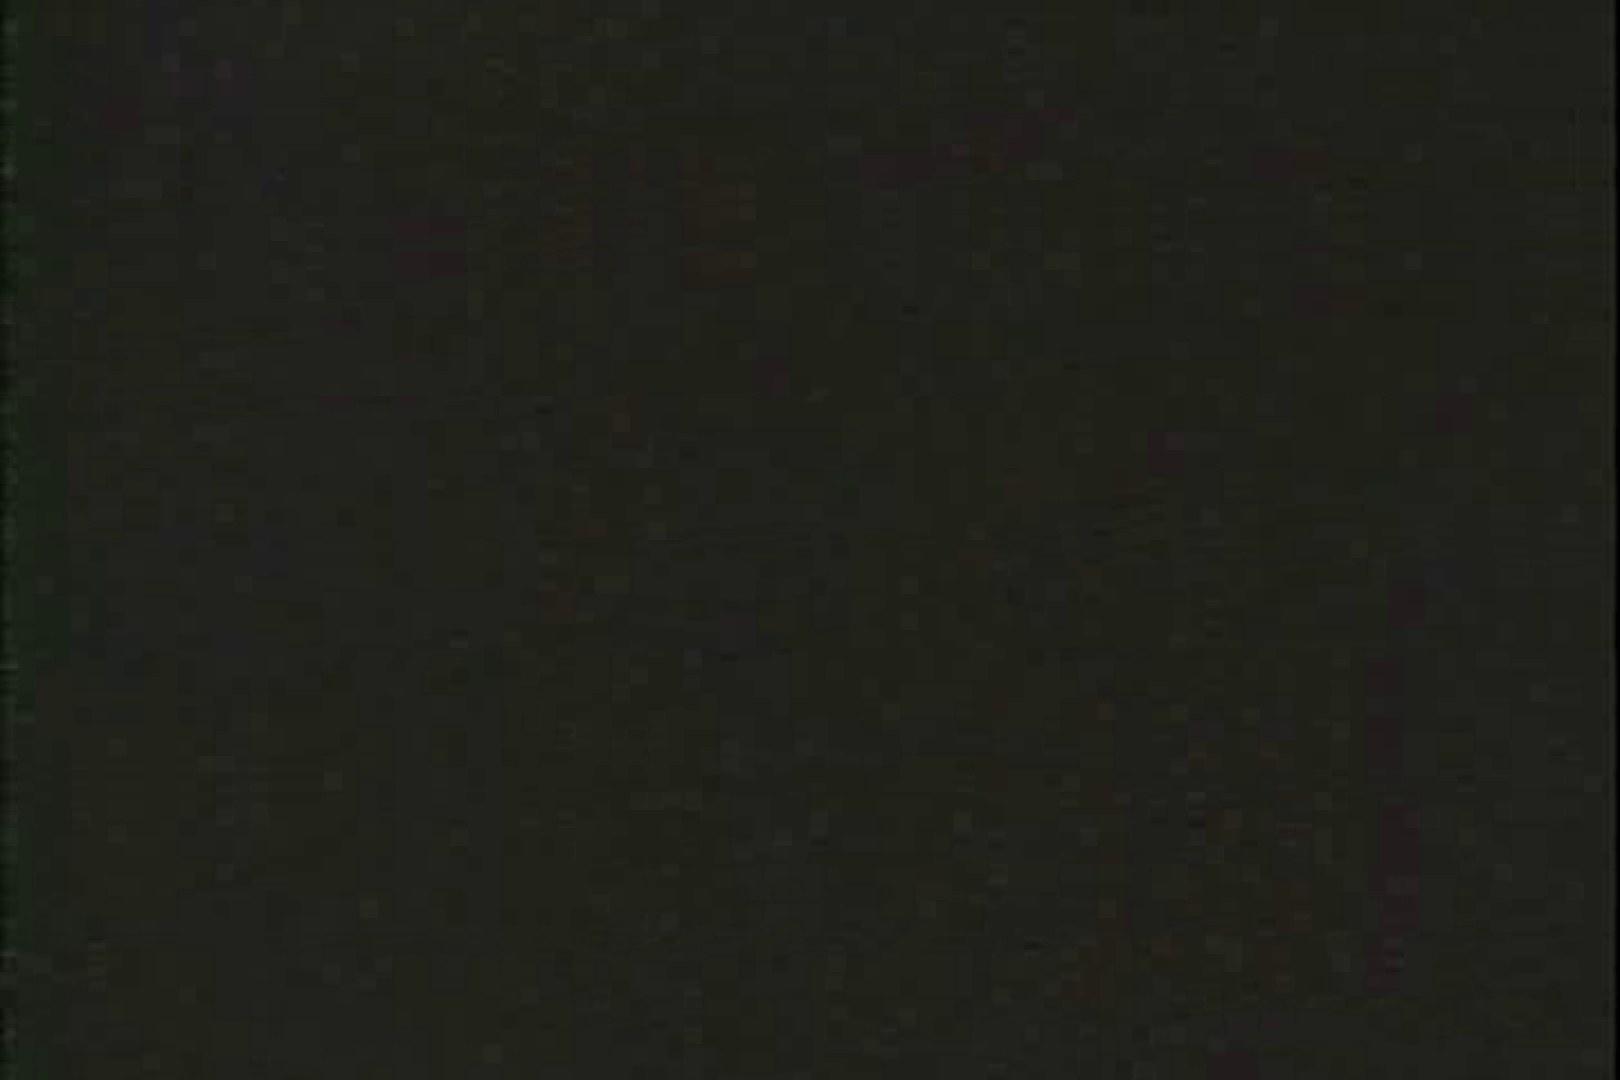 「ちくりん」さんのオリジナル未編集パンチラVol.6_01 チラ歓迎 すけべAV動画紹介 95pic 94